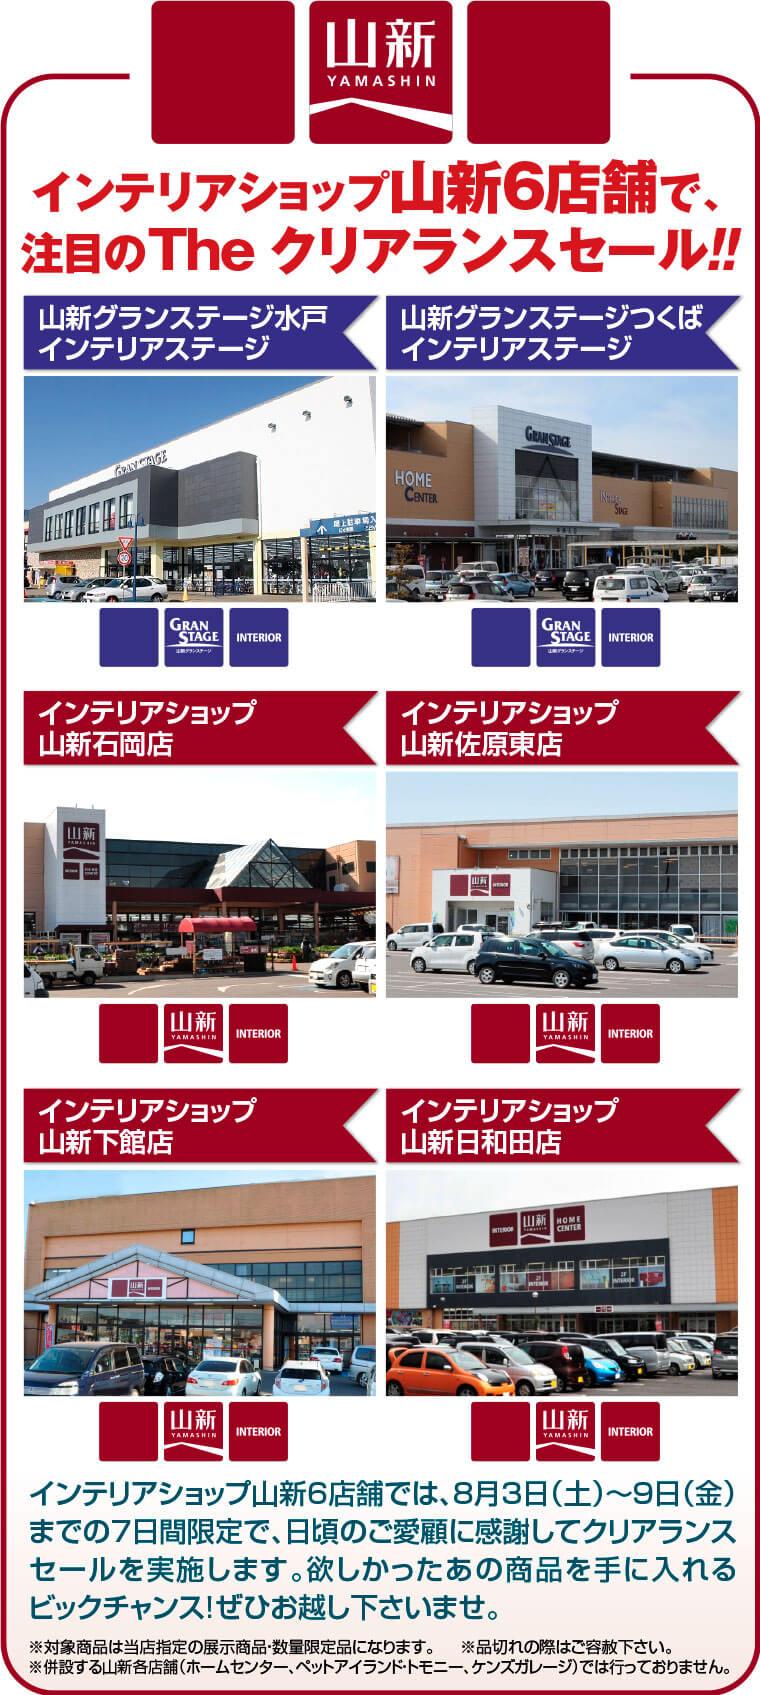 山新6店舗同時開催